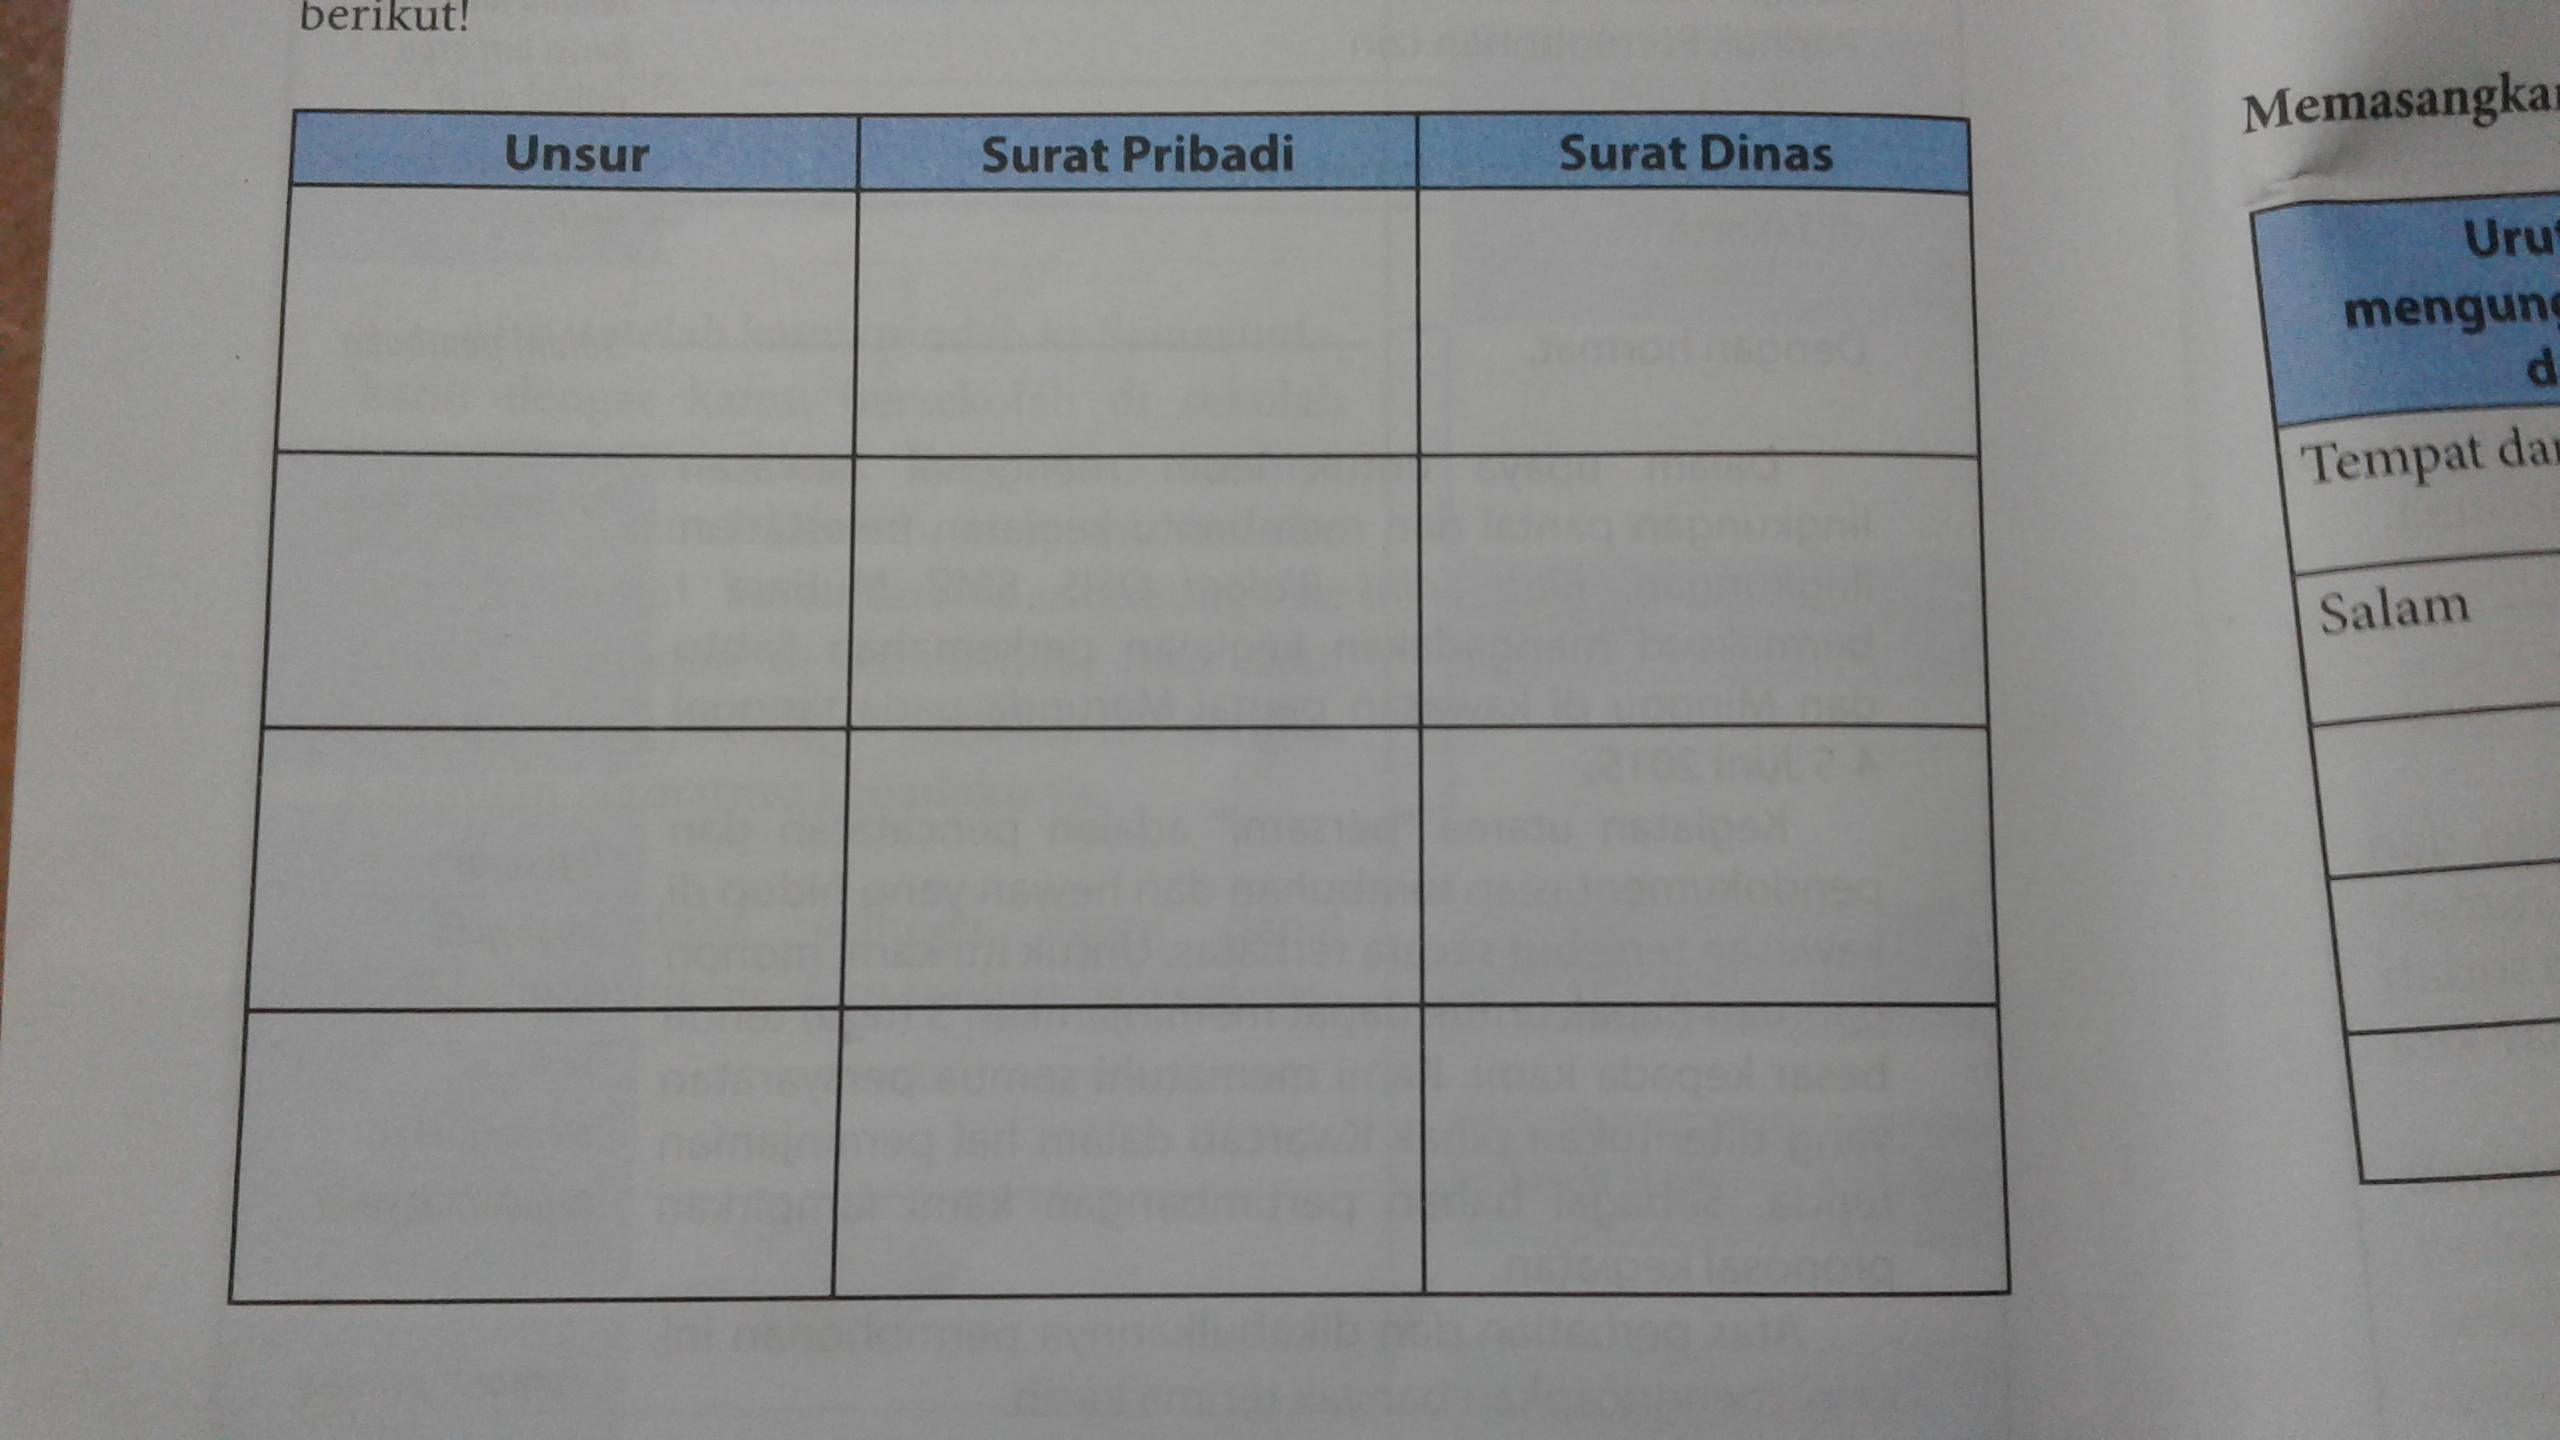 Bandingkan unsur surat dinas dan surat pribadi dengan ...